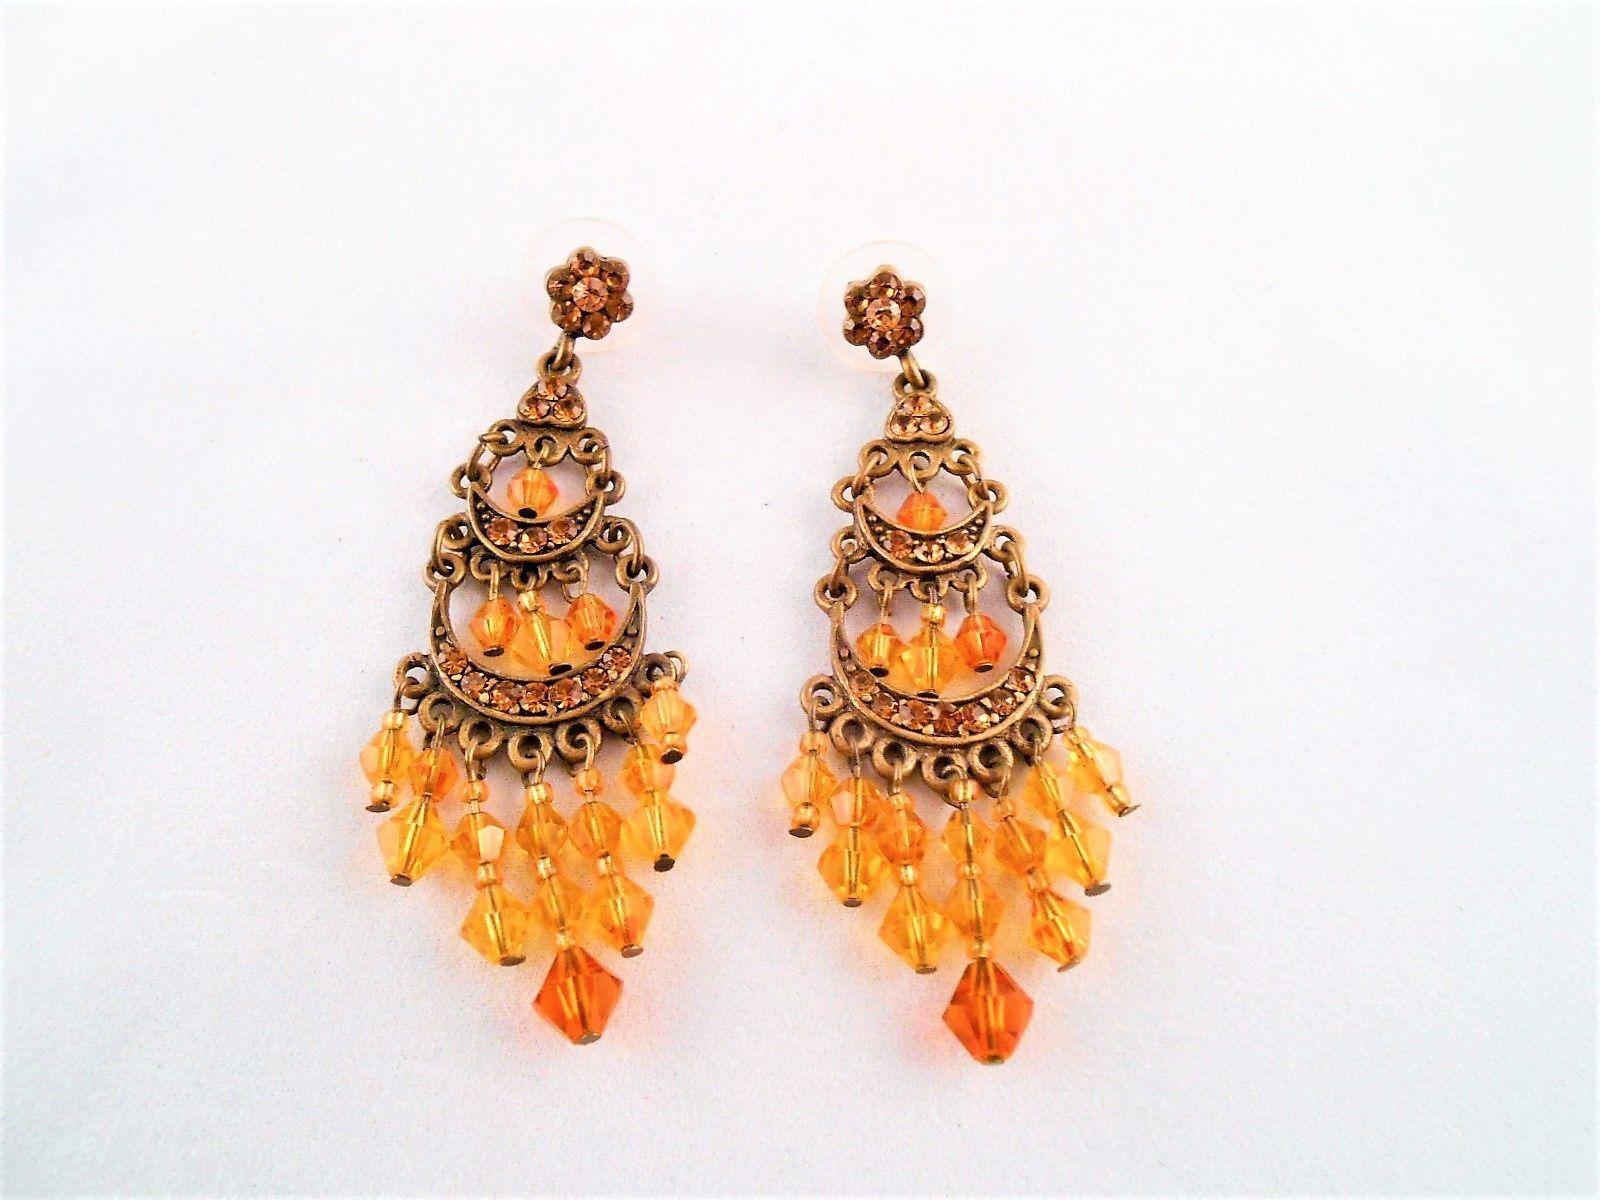 3 tiered chandelier vtg earrings w dangling golden amber beads 275 3 tiered chandelier vtg earrings w dangling golden amber beads 275 aloadofball Image collections